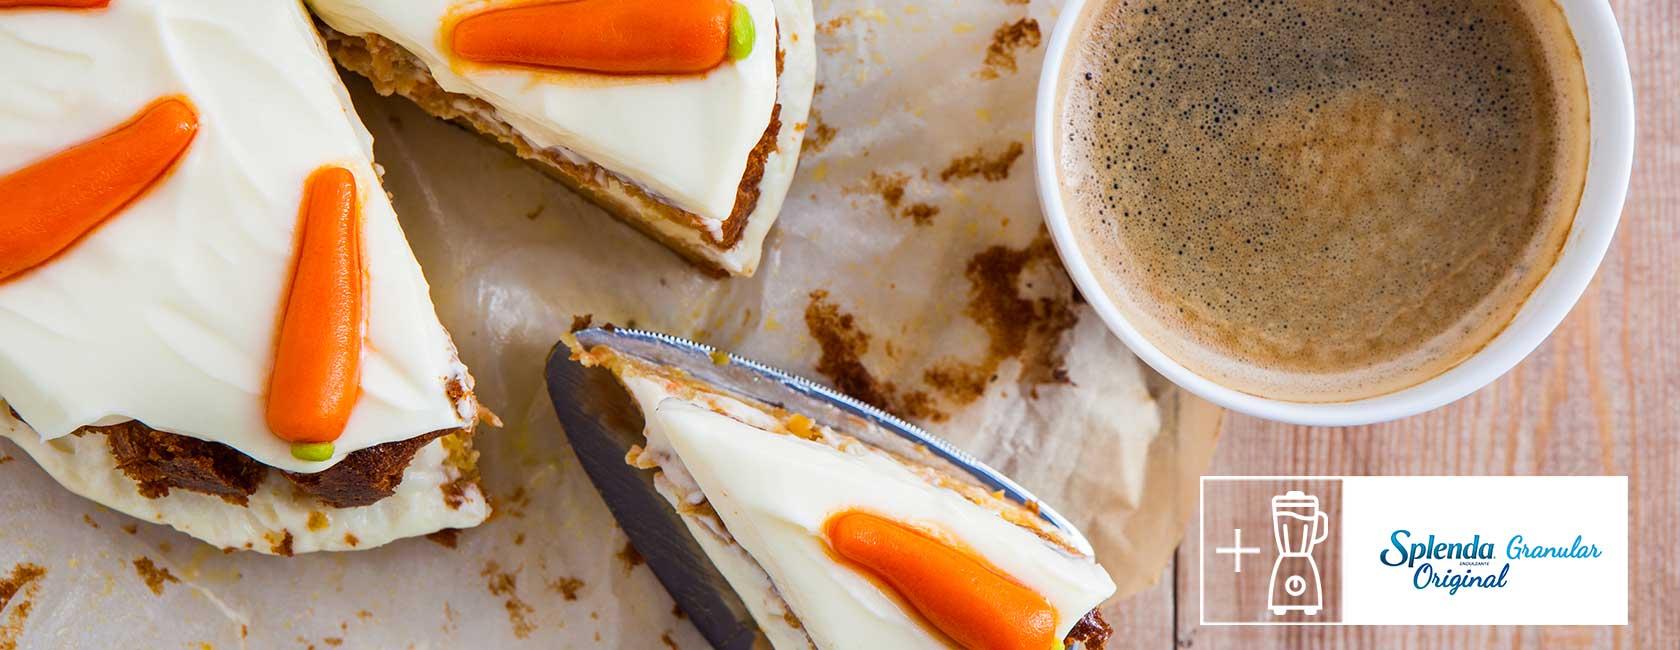 Pastel De Zanahoria Recetas De Postres Splenda Mexico Platos y guisos con zanahorias, zumos de en cocina abierta hemos preparado esta original y deliciosa ensalada de manzana y zanahoria. pastel de zanahoria recetas de postres